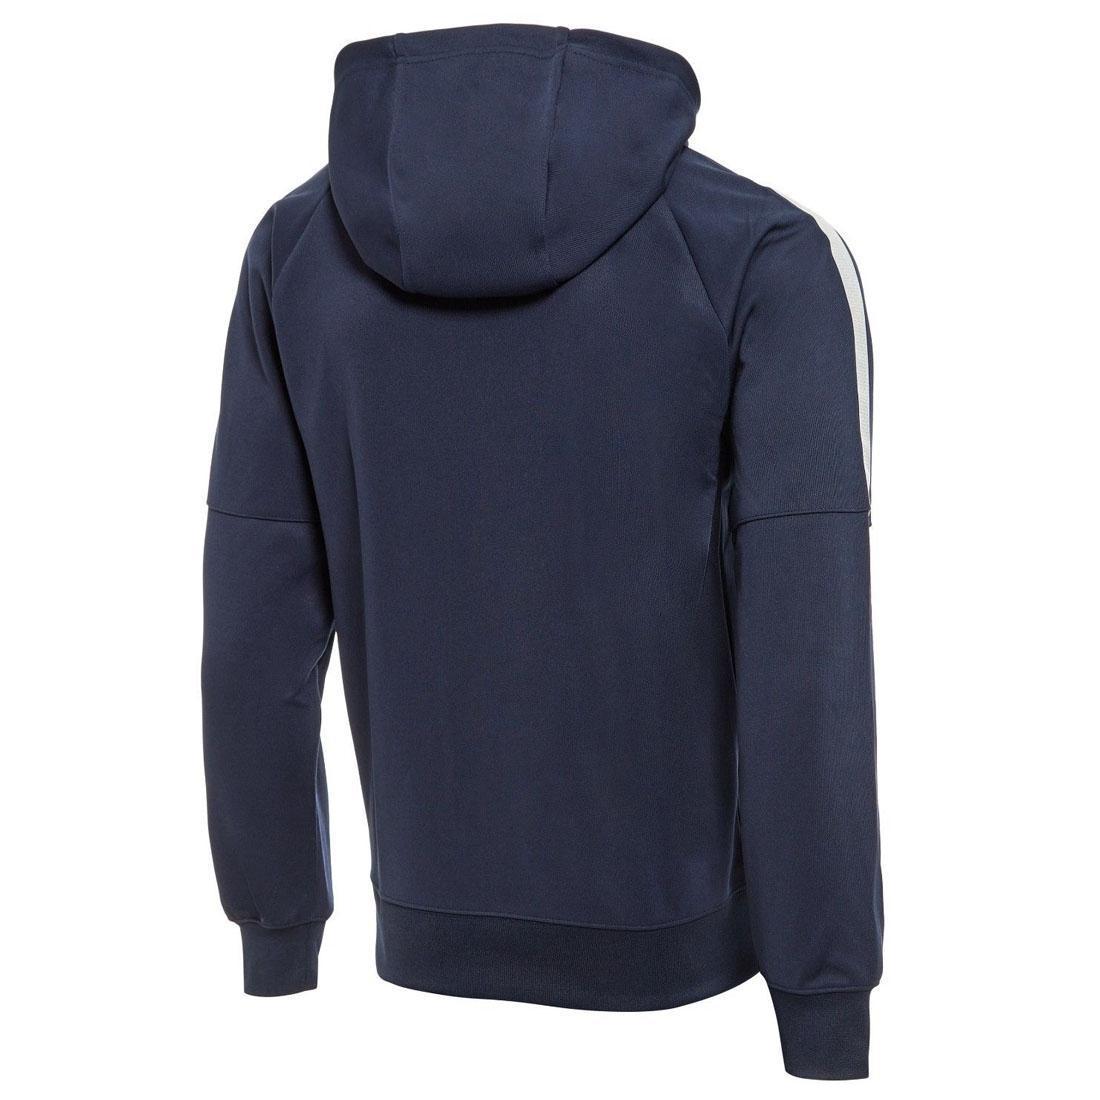 912ccadebc4 Nike Mens Black Blue Tribute Hoodie Full Zip Poly Sweatshirt Sports Track  Jacket